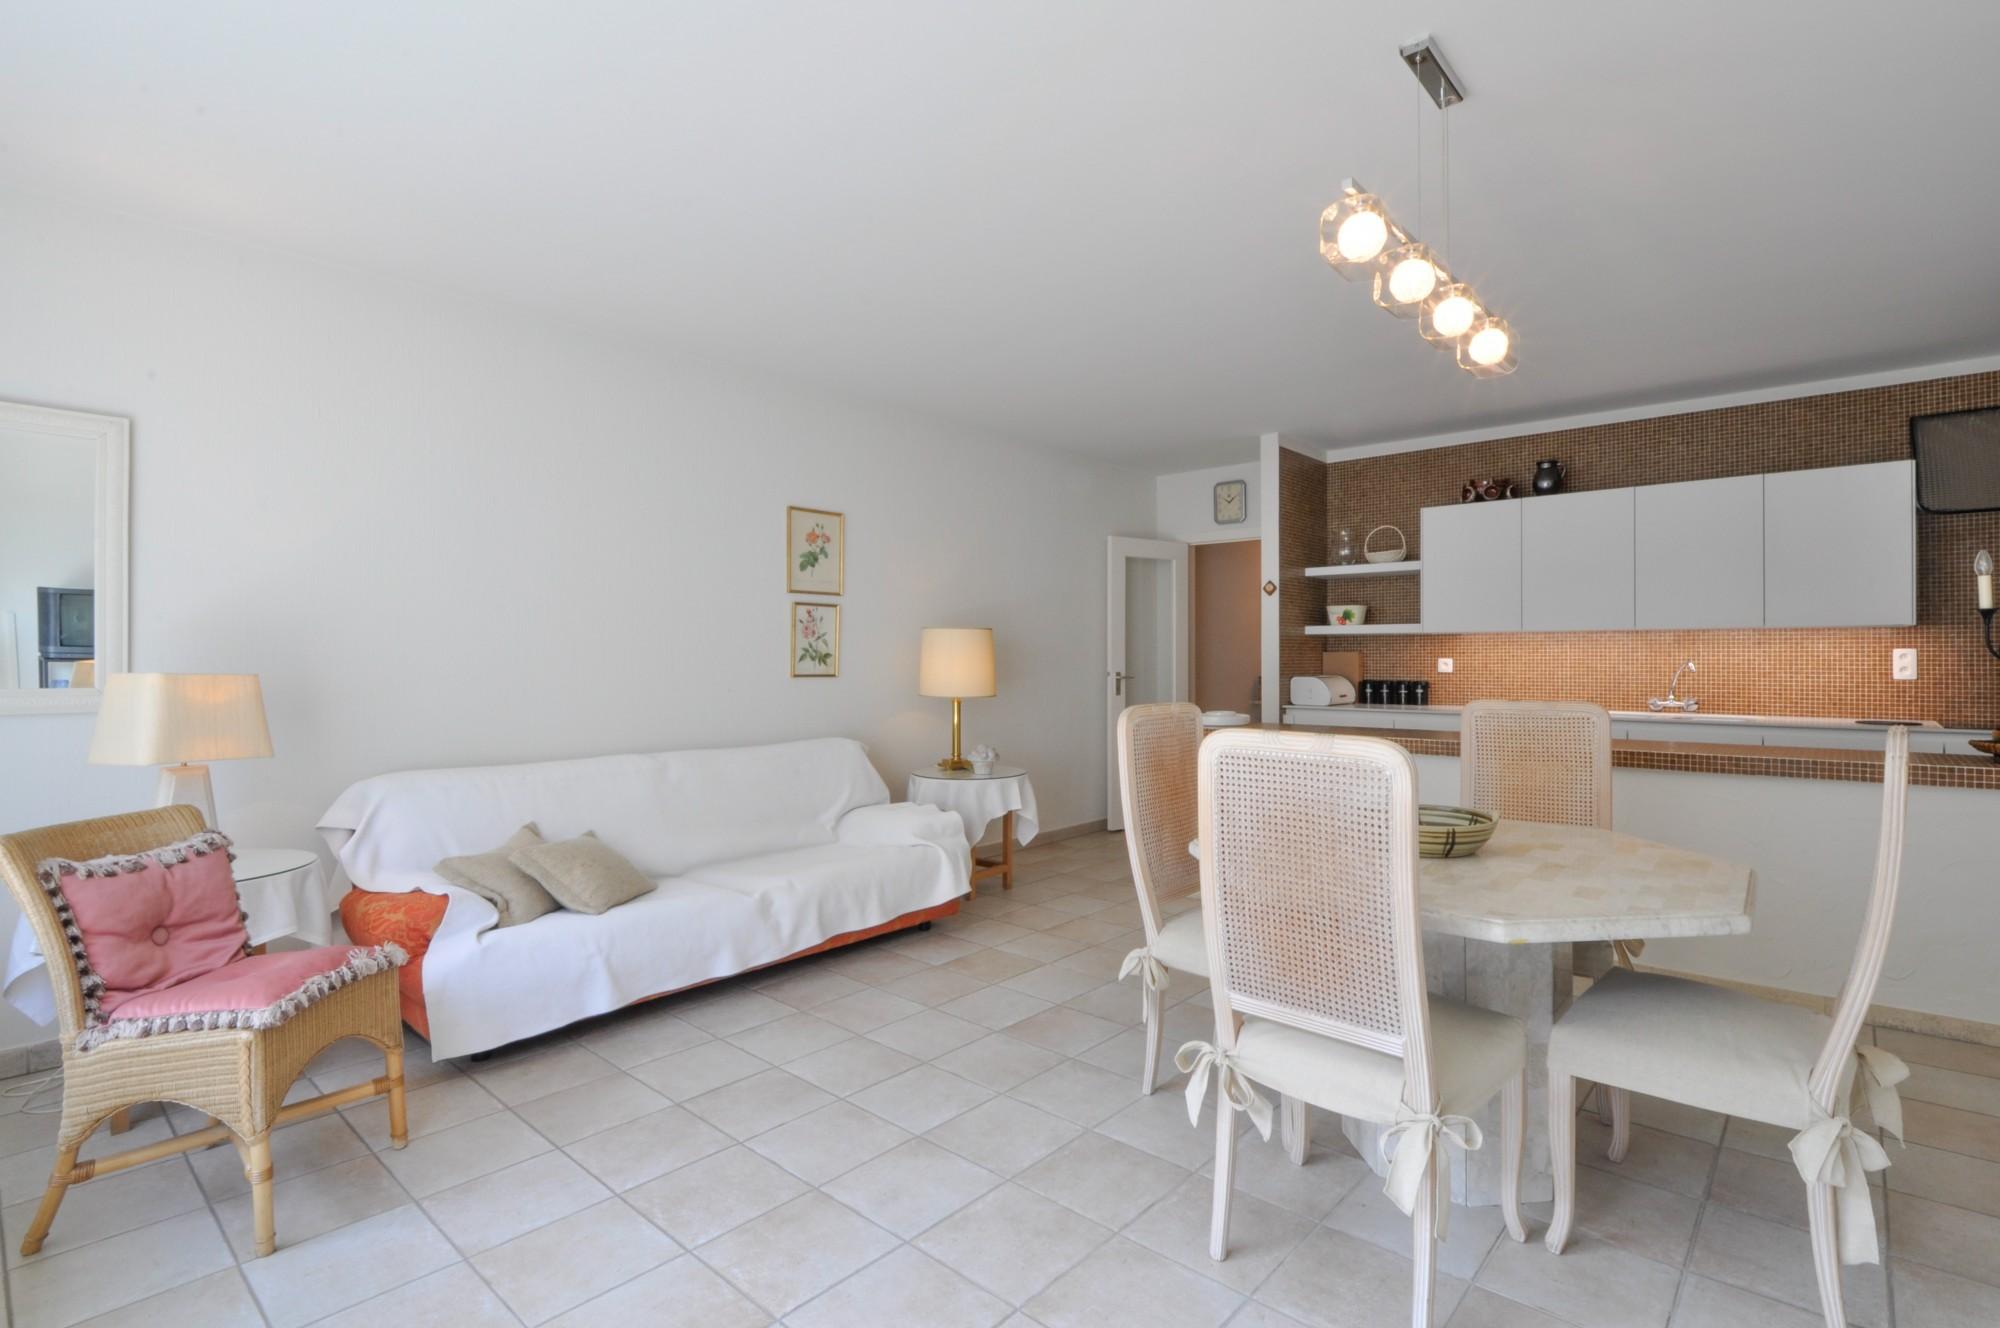 Vente Appartement 1 CH Knokke-Zoute - Le Globe / vue mer de biais